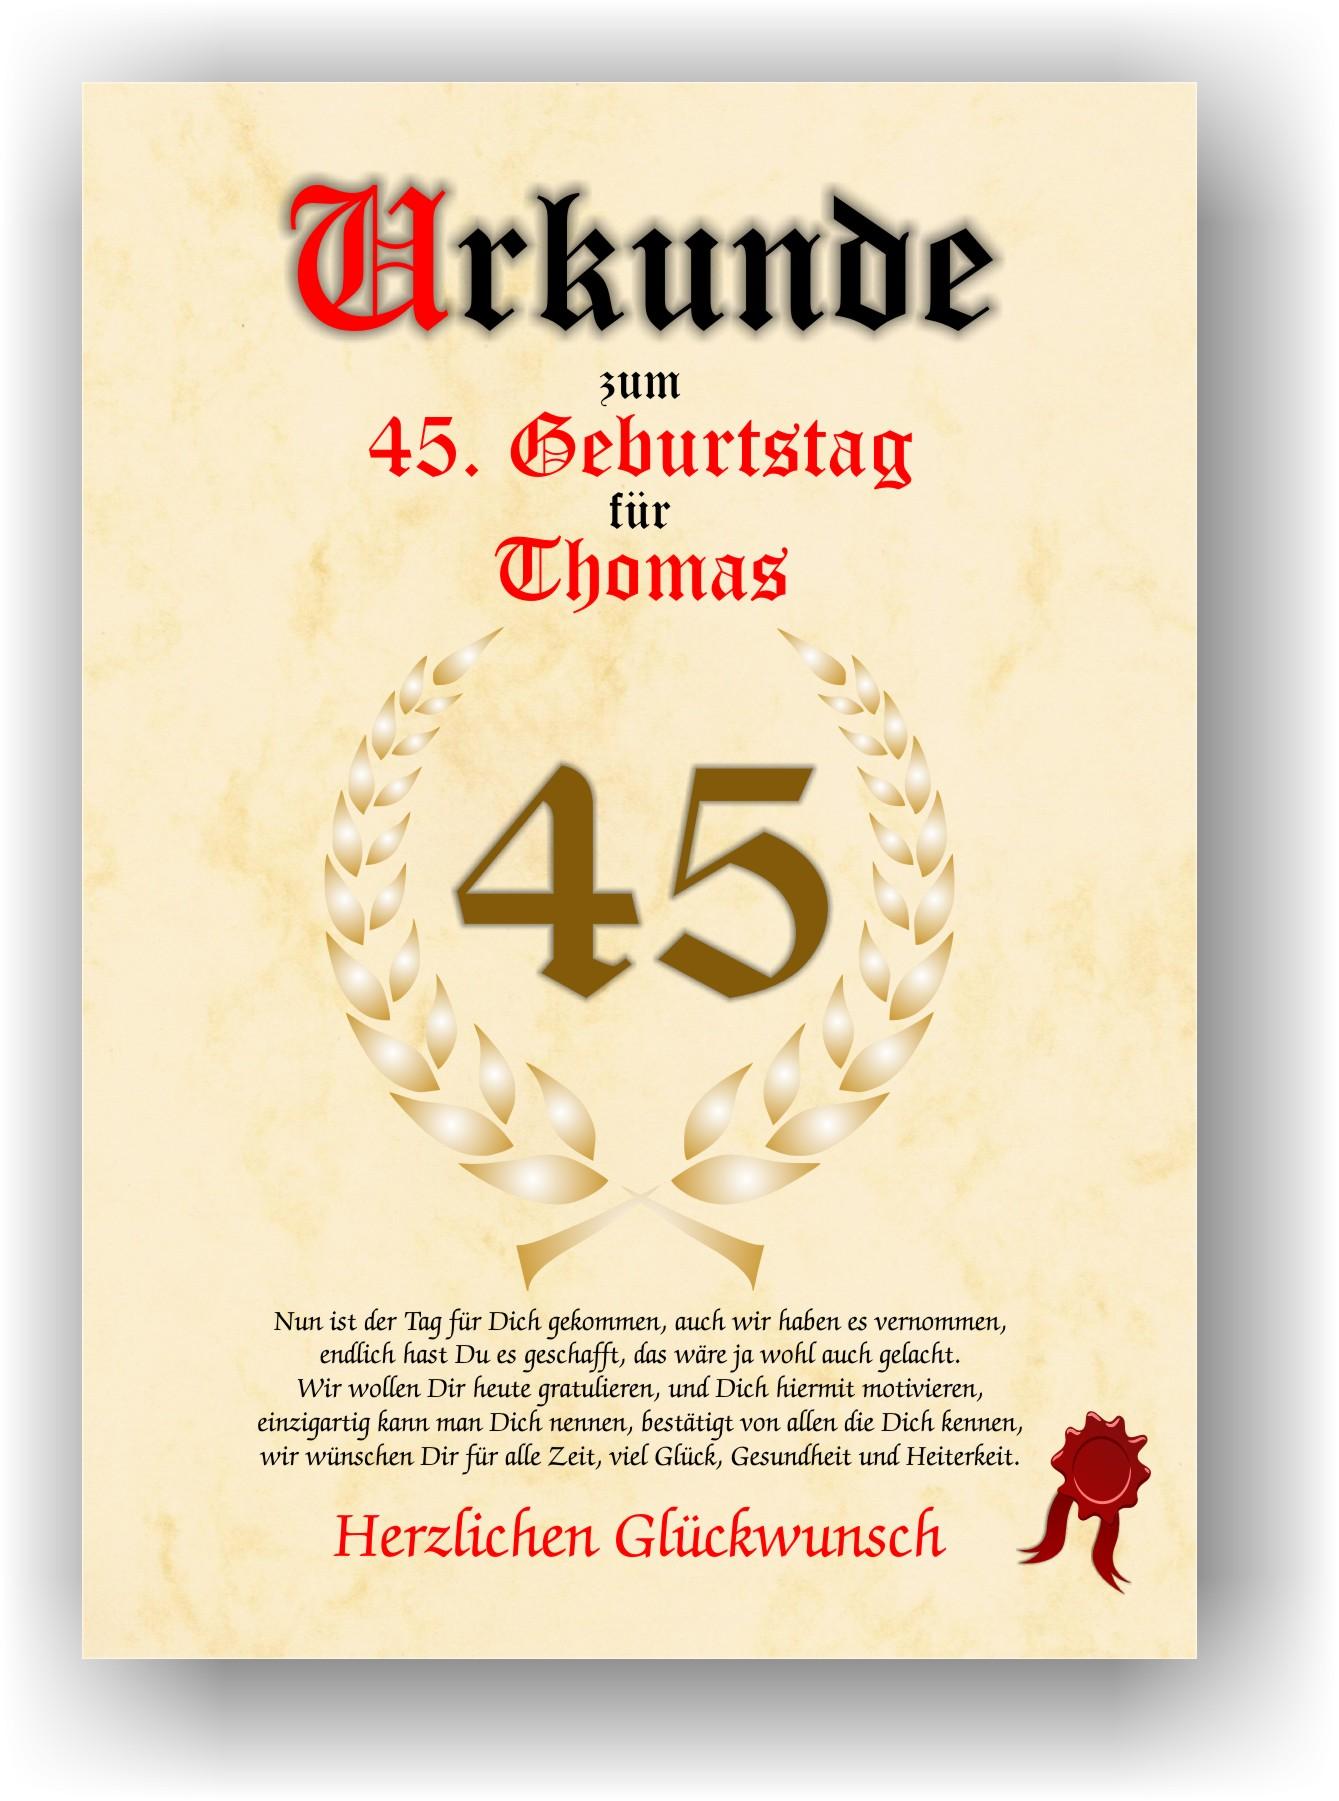 Details Zu Urkunde Zum 45 Geburtstag Geschenkidee Geburtstagsurkunde Namensdruck Partydeko